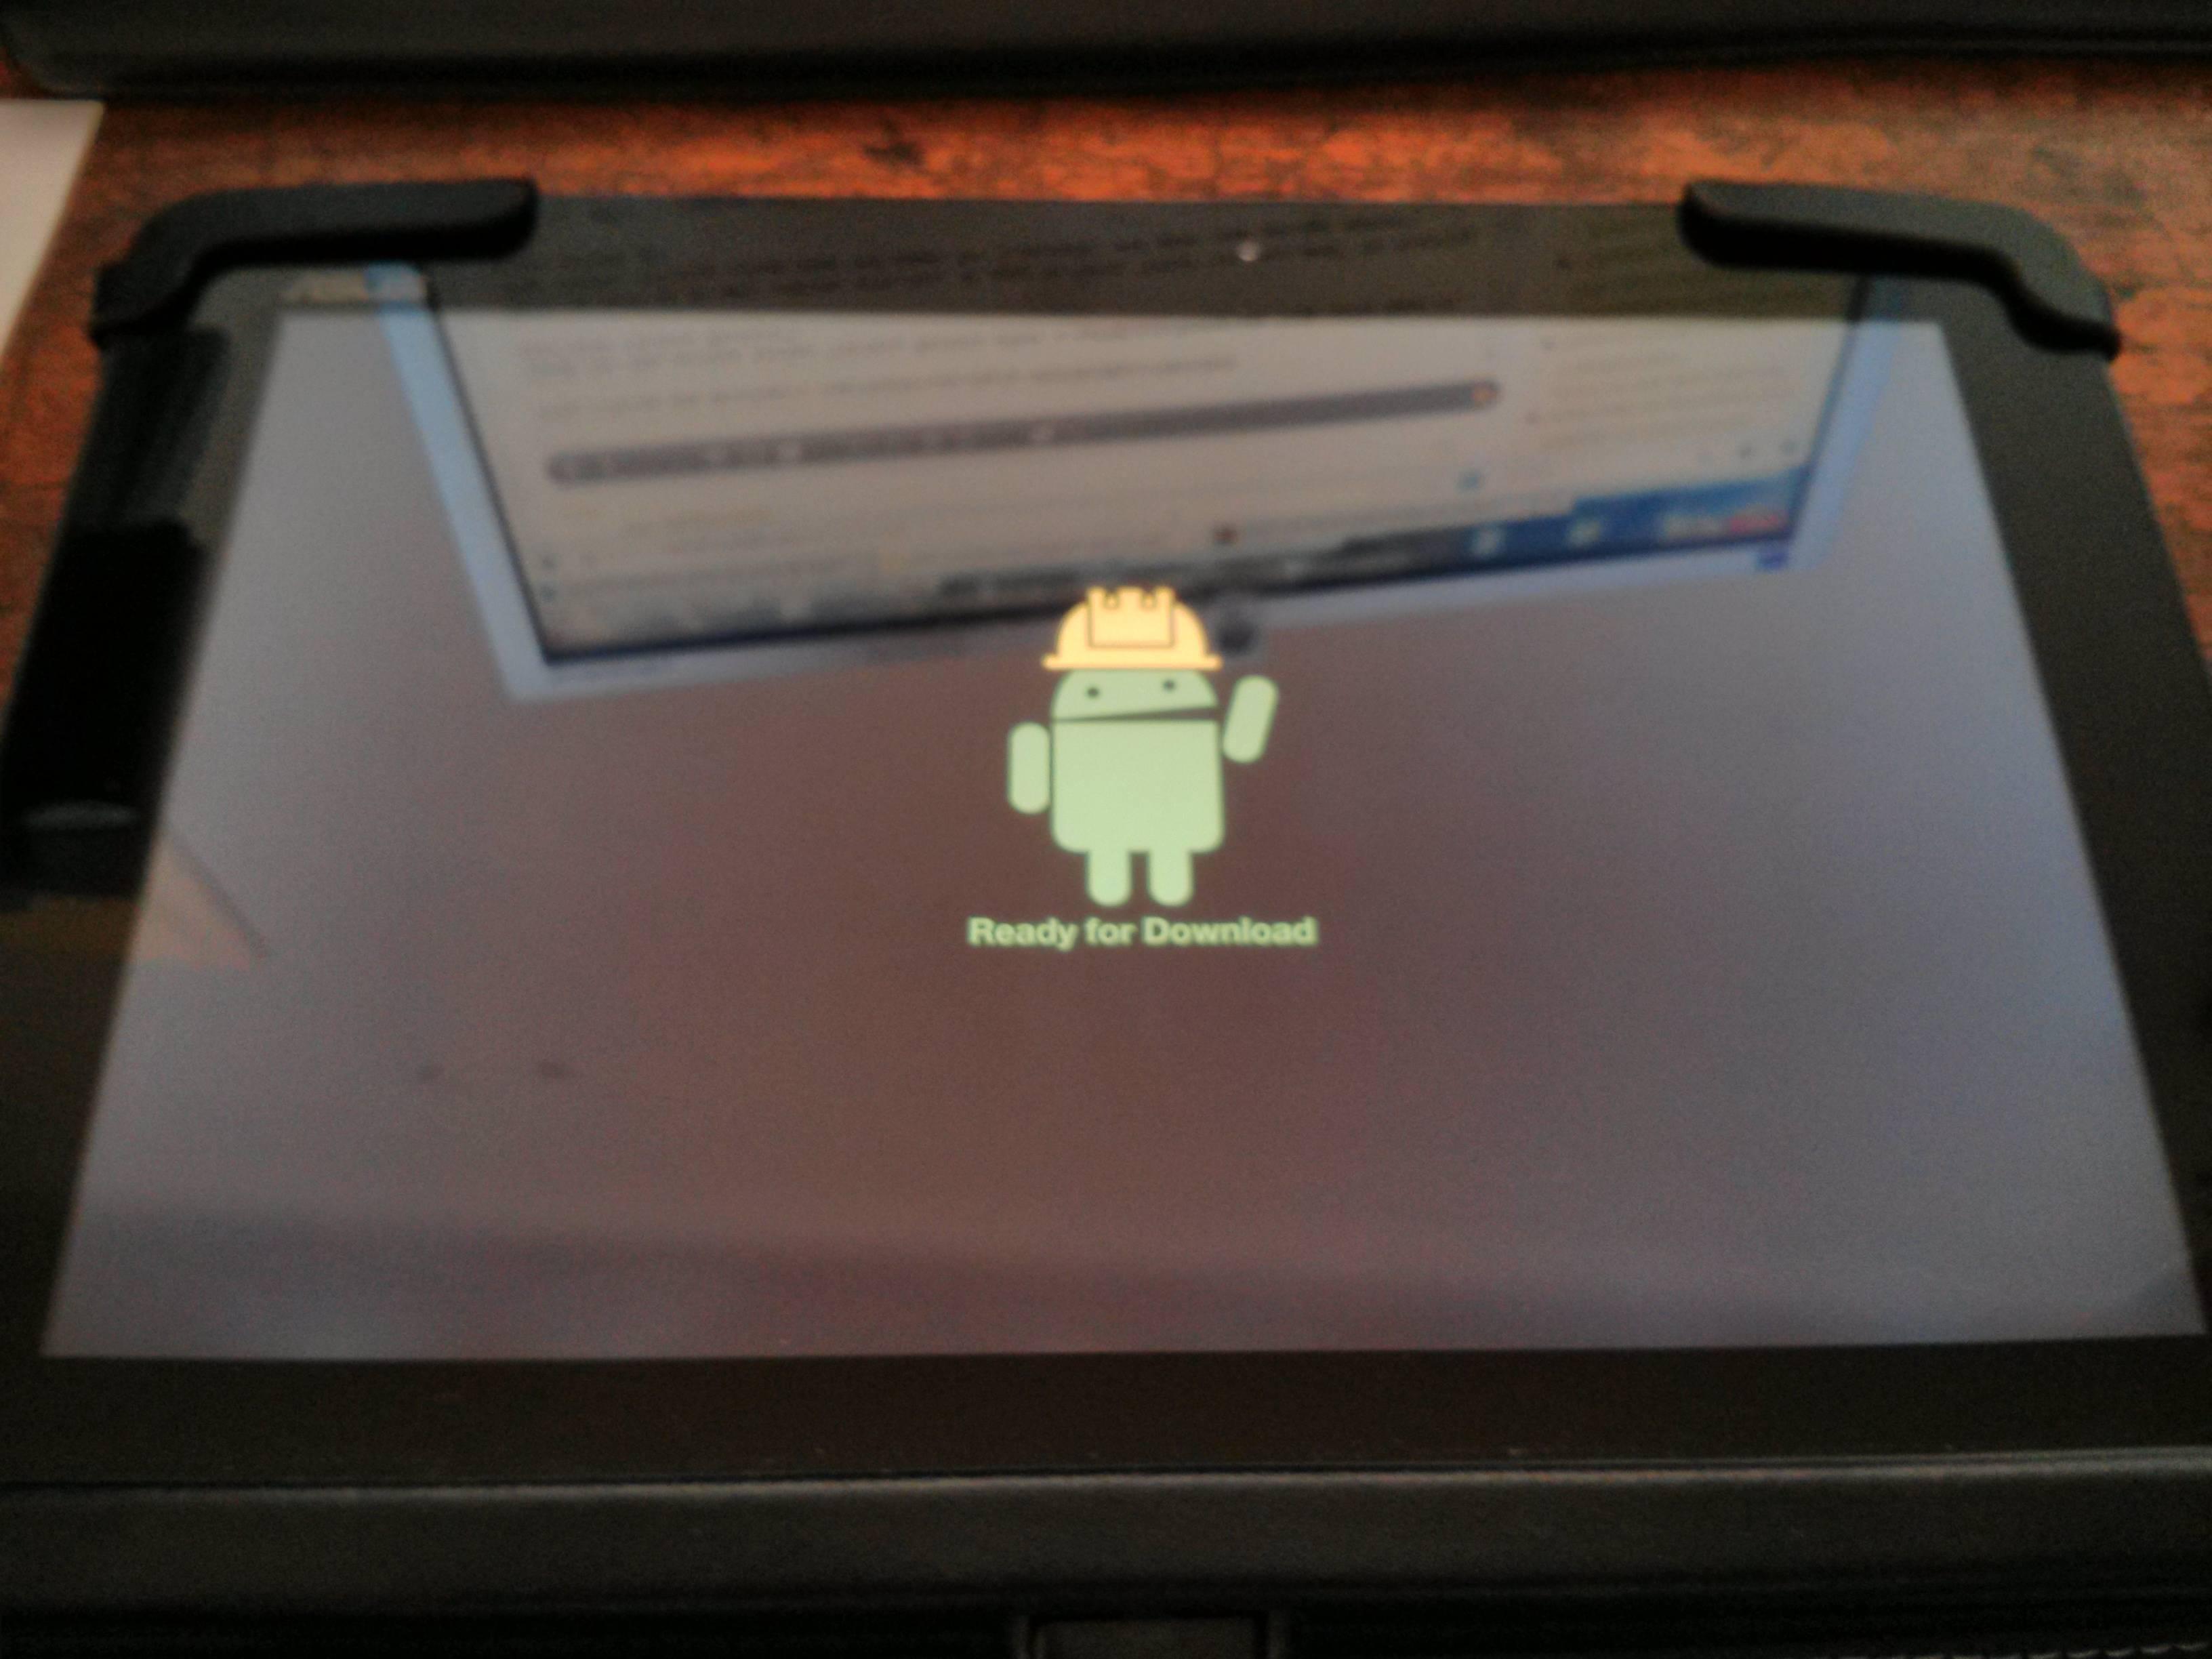 Come uscire dalla modalità download su Android? 1